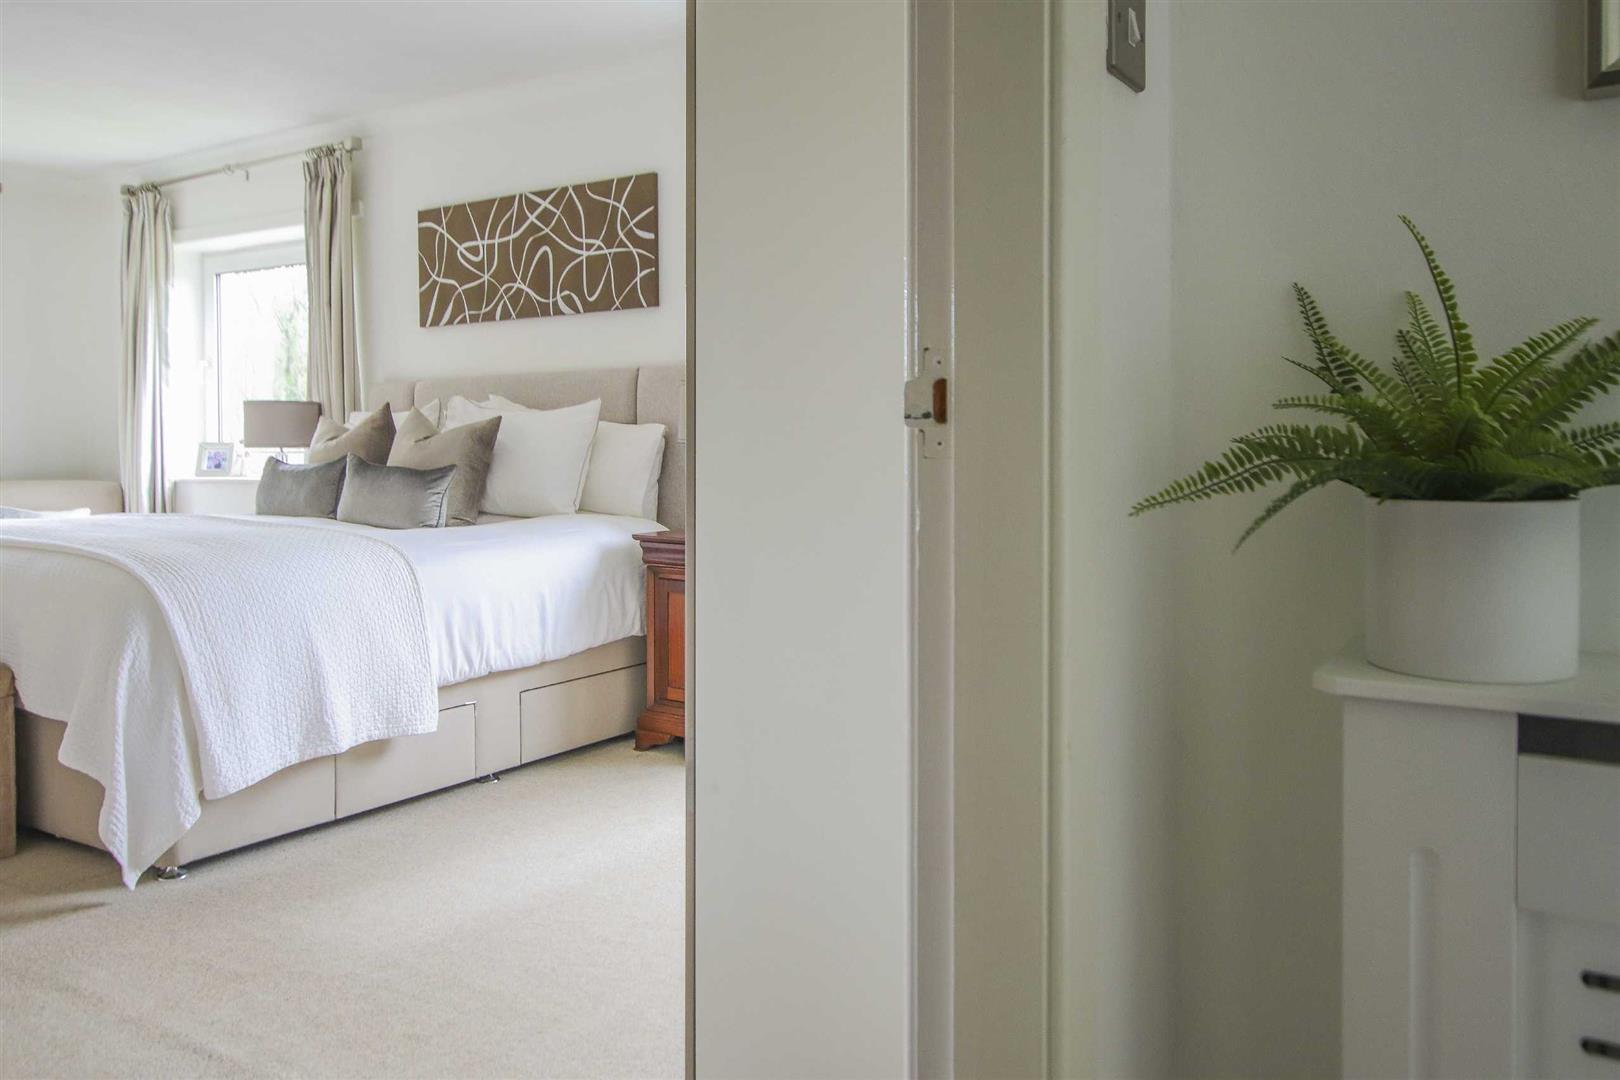 4 Bedroom Semi Detached Cottage For Sale - Image 6